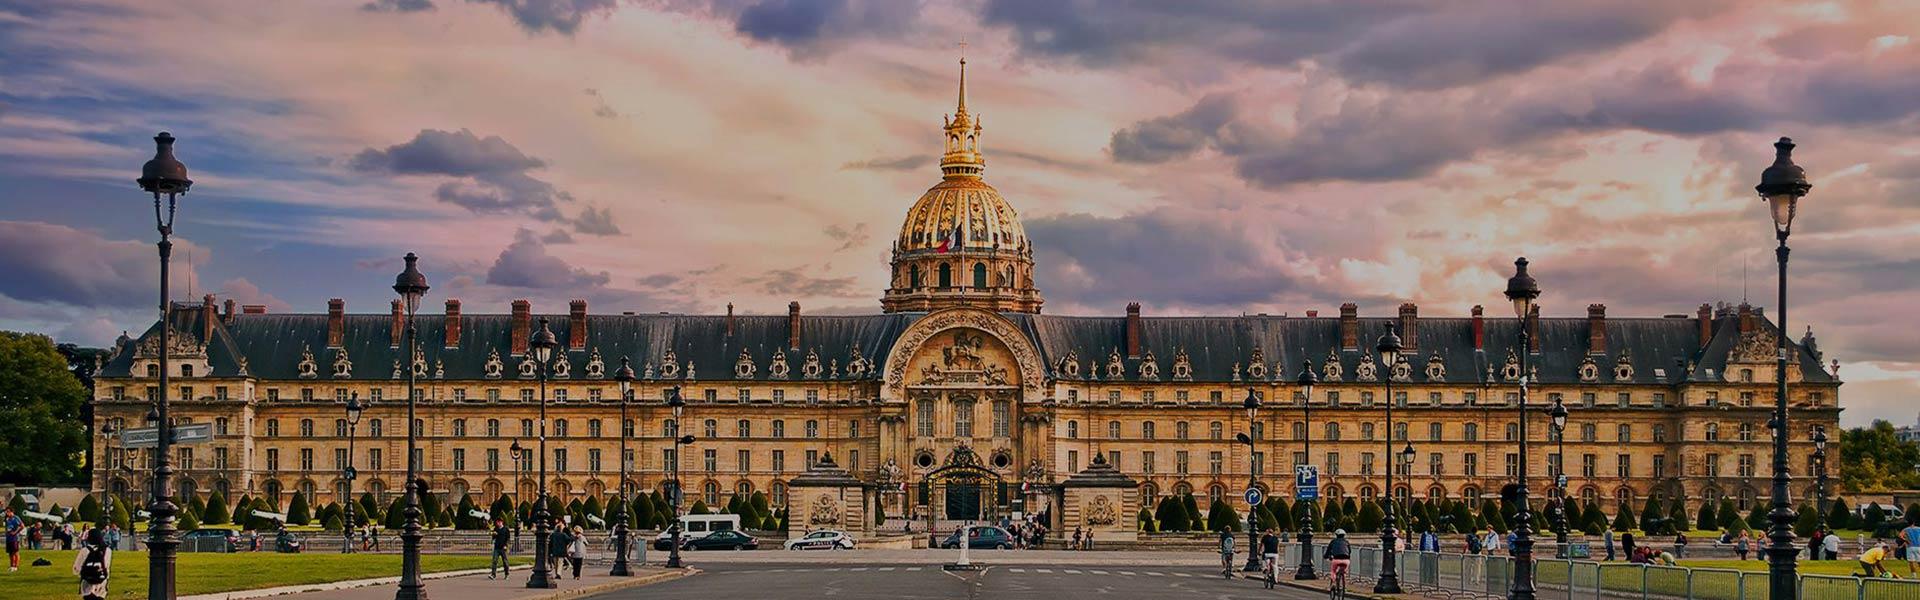 les-invalides-paris-big-bus-tours-jan-2017